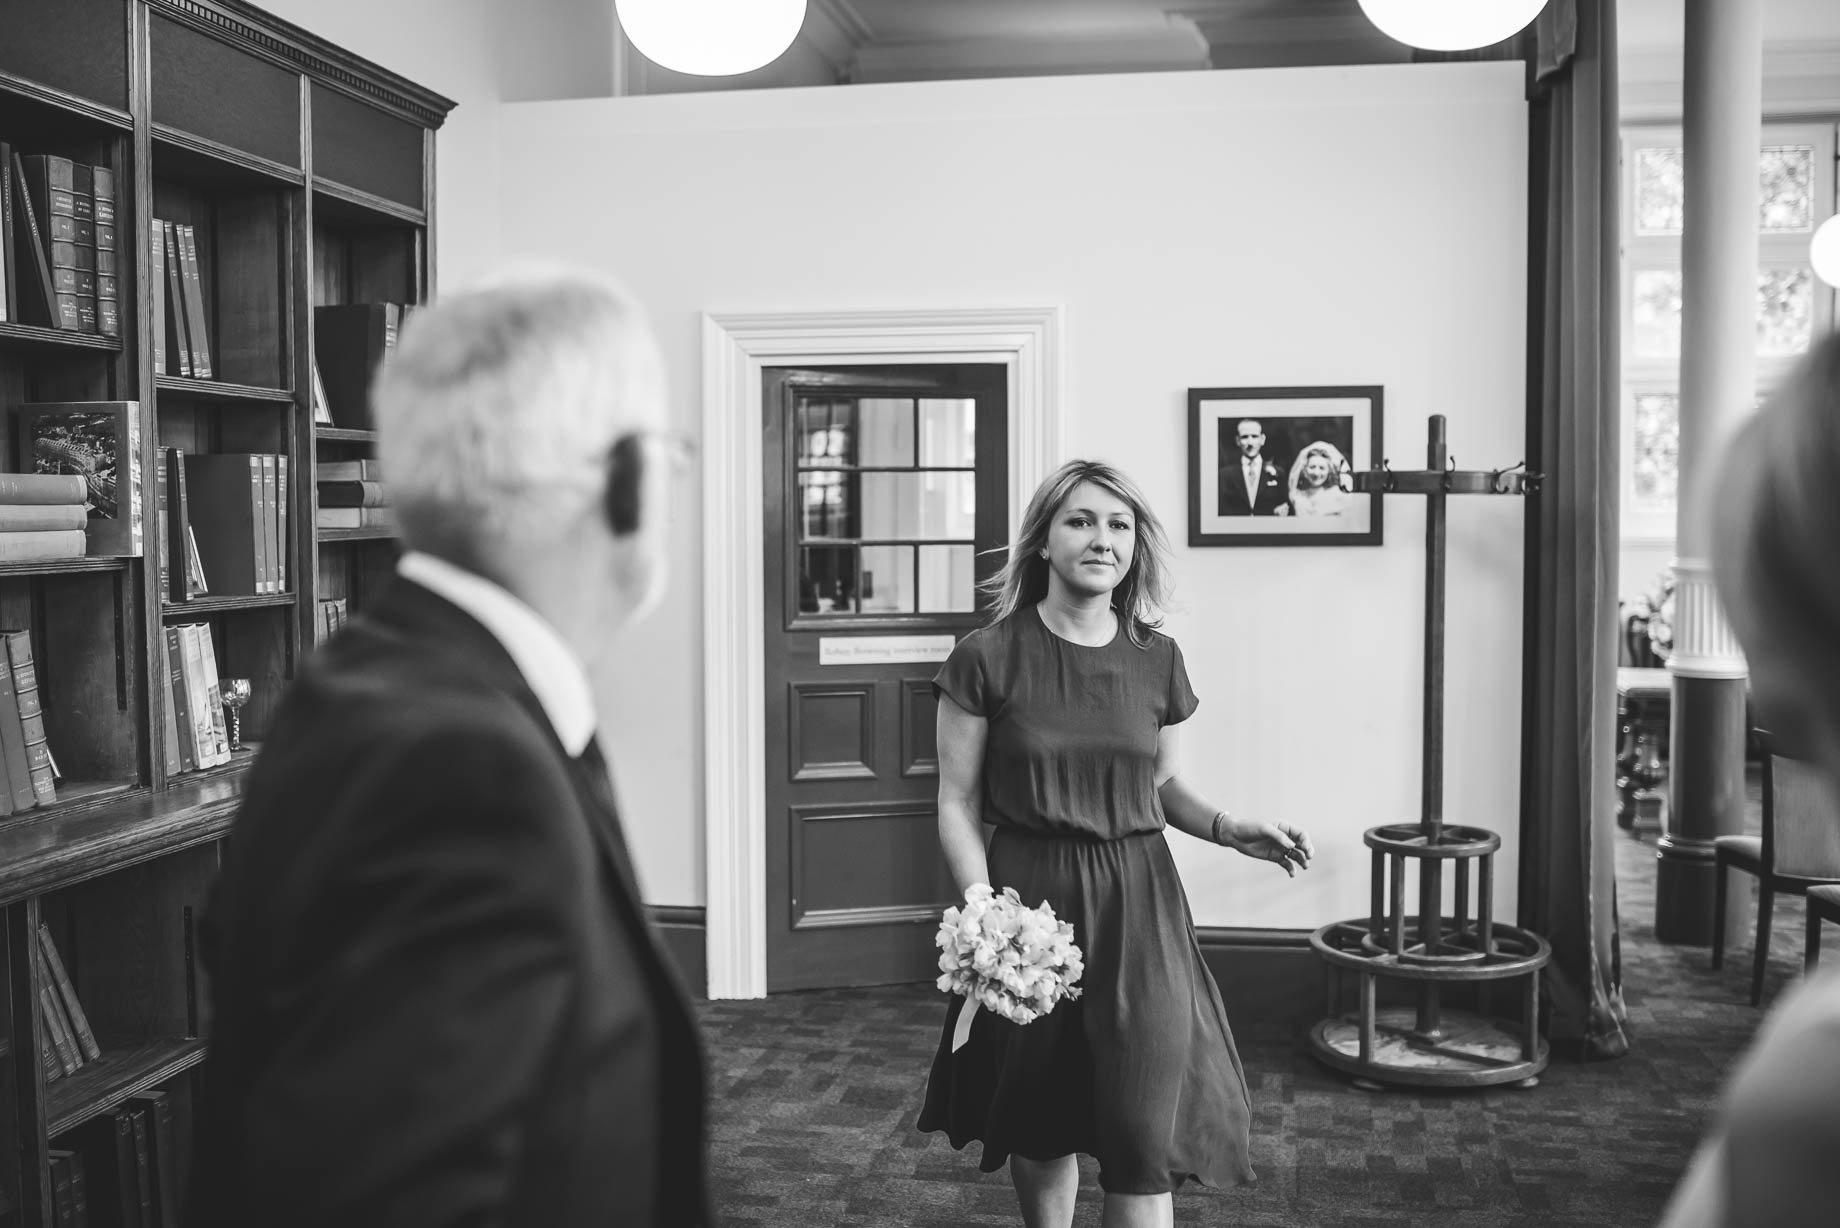 Mayfair wedding photography - Allison and Eugene (51 of 94)